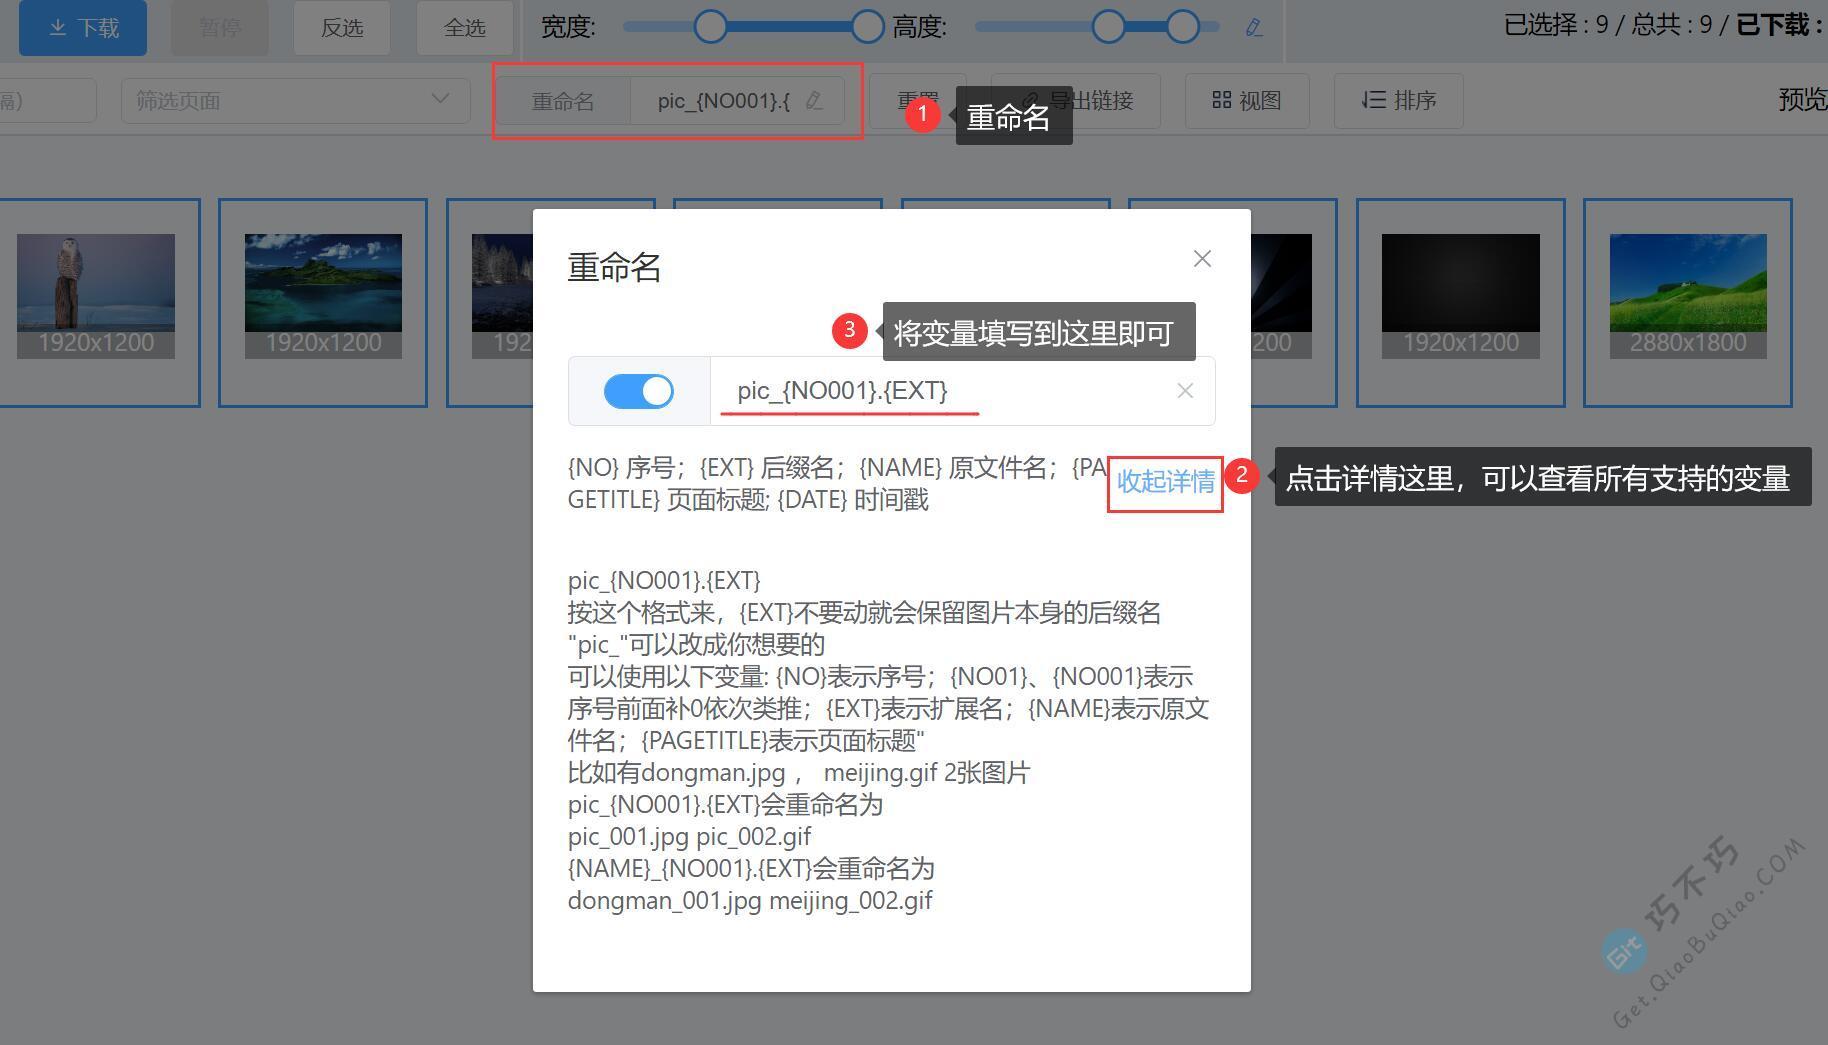 图片批量下载,支持宽高度、关键词过滤,支持重命名和导出全部图片链接